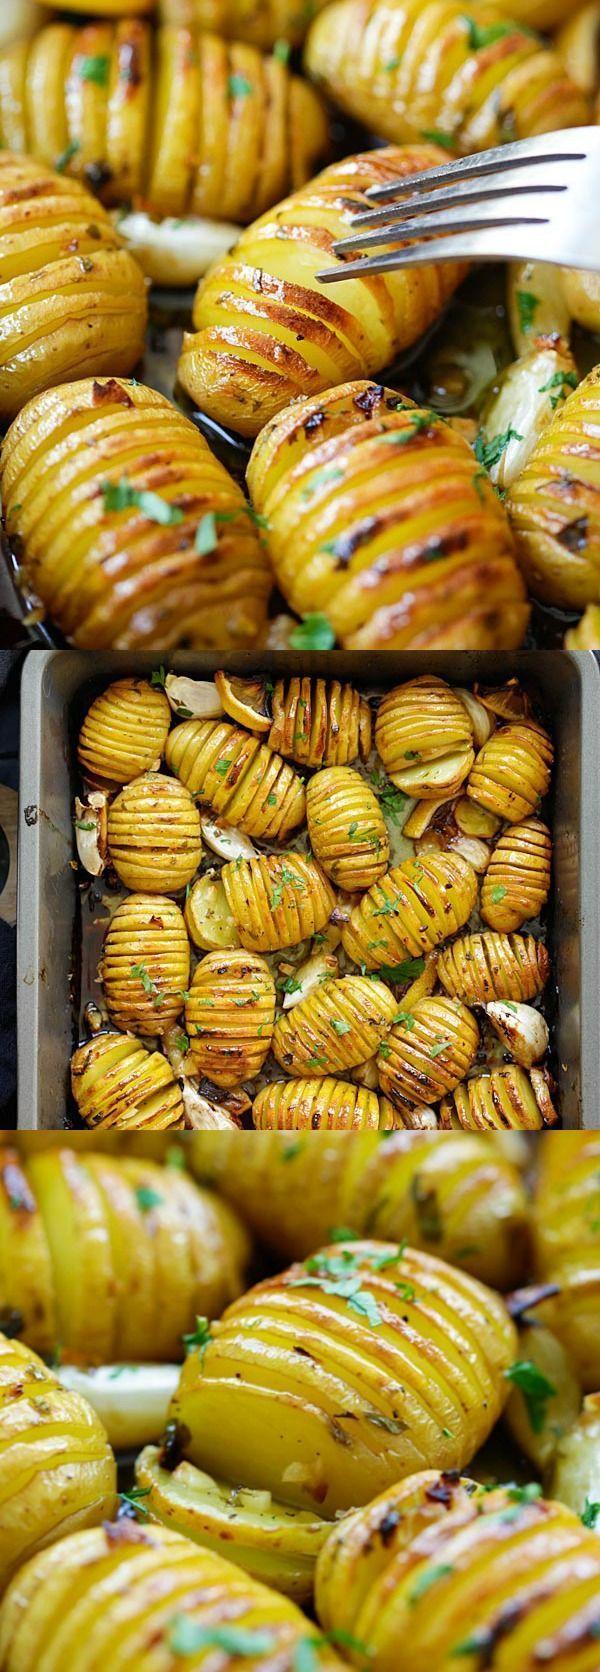 Zitronenkraut-Bratkartoffeln - BESTE Bratkartoffeln, die Sie jemals machen werden, geladen ... - Rezepte #thanksgivingrecipes